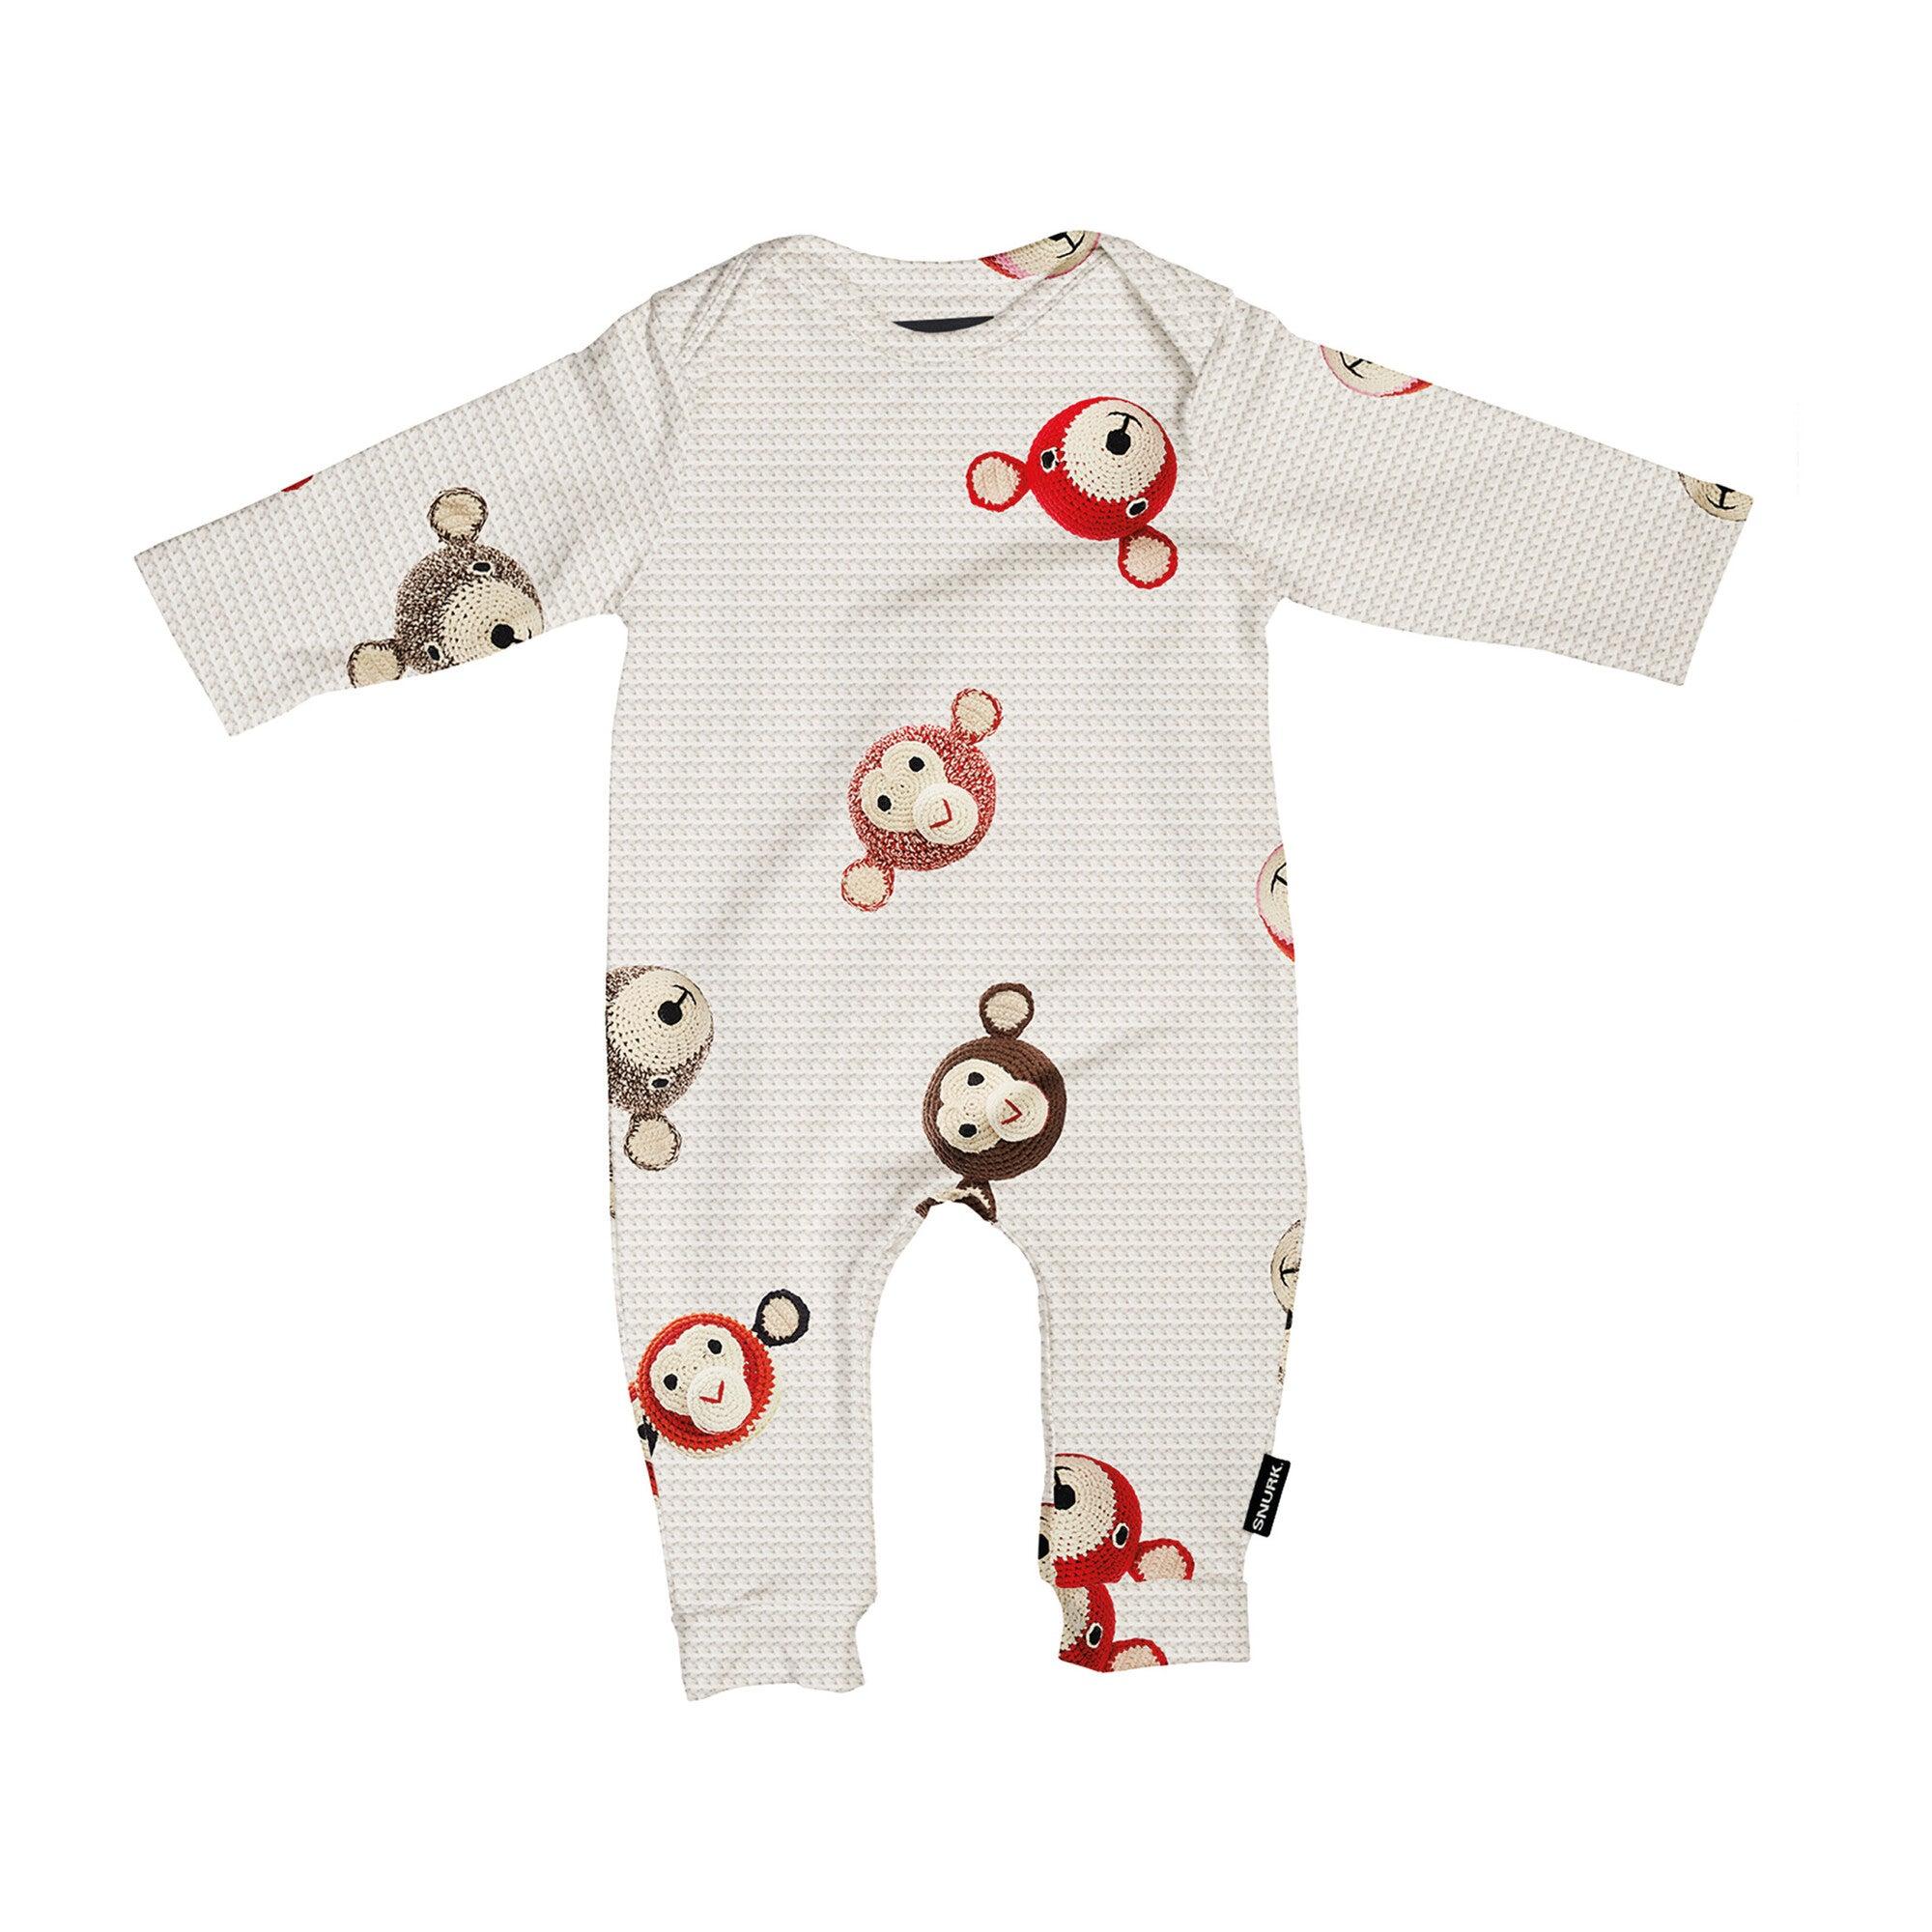 x Anne-Claire Petit *Exclusive* Teddy/Chimp Baby Jumpsuit